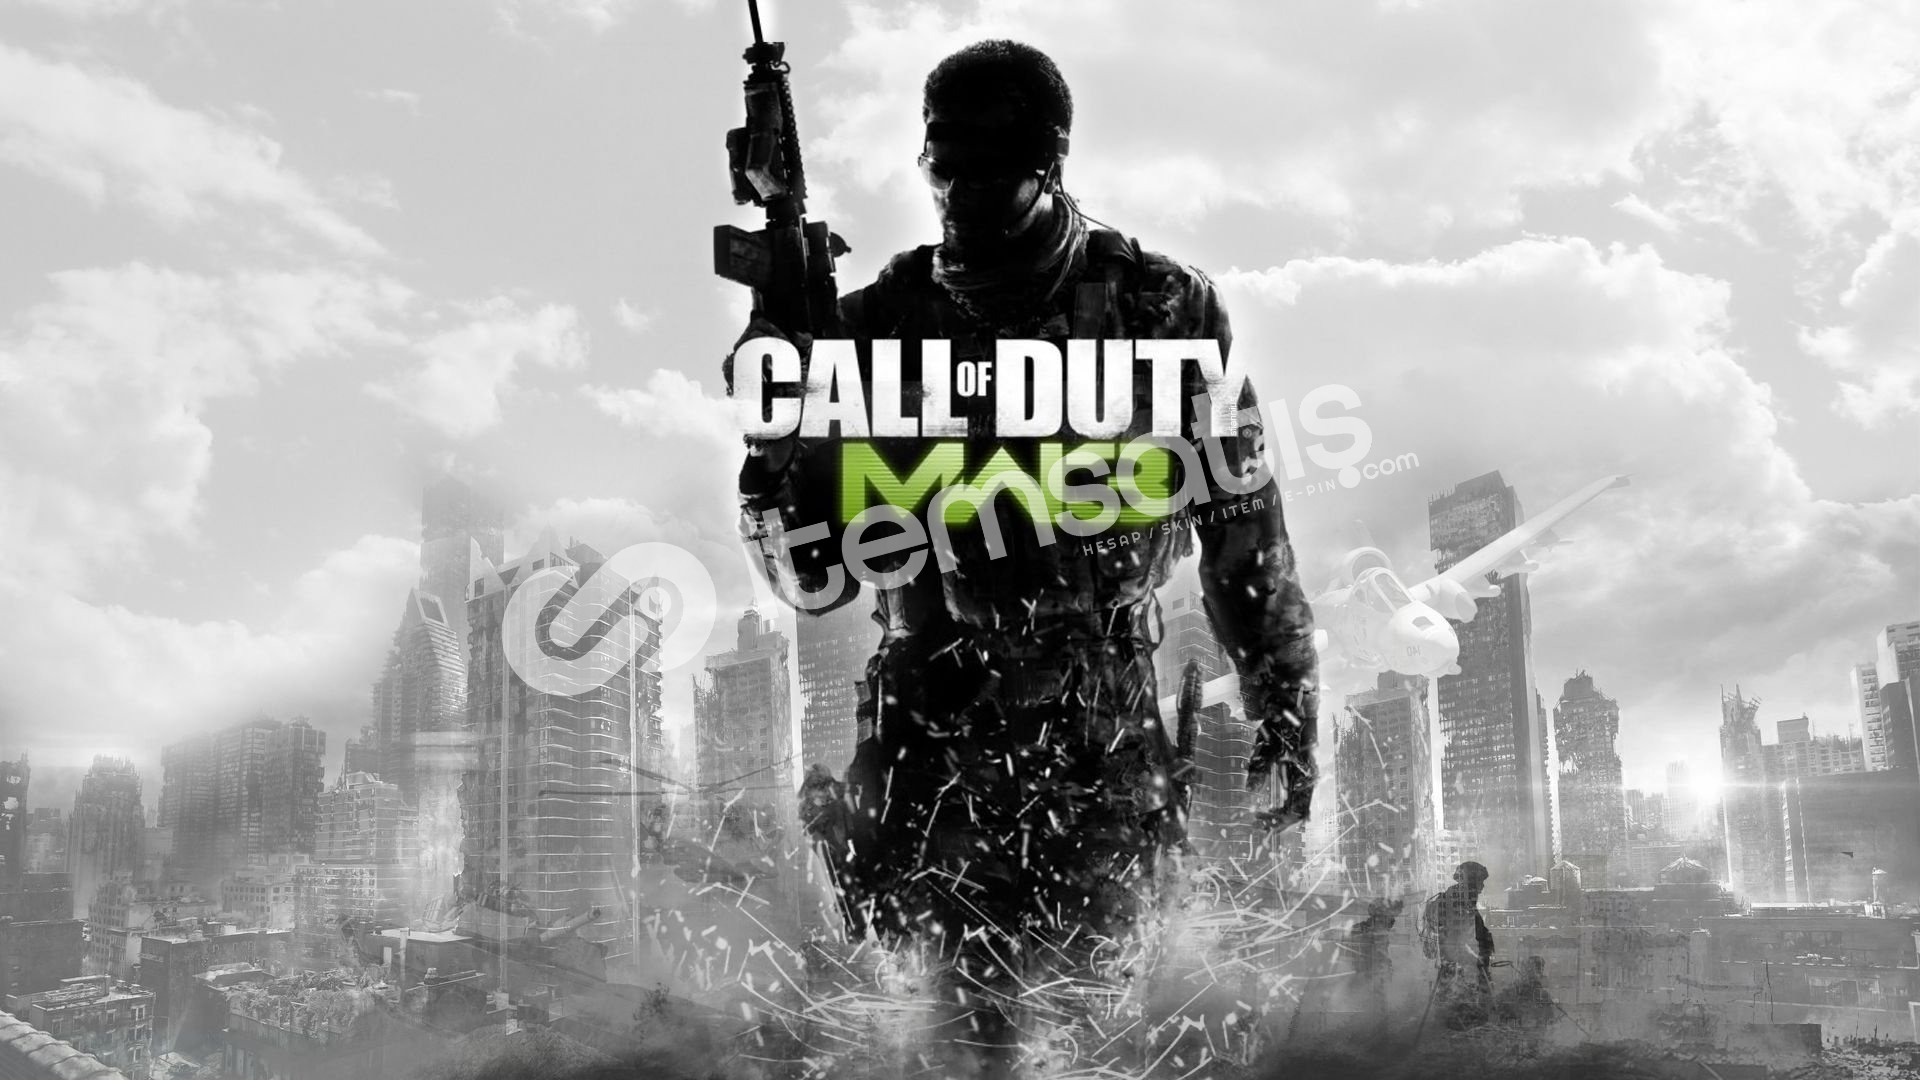 Call of Duty Modern Warfare 3 + HEDİYE + GARANTİ